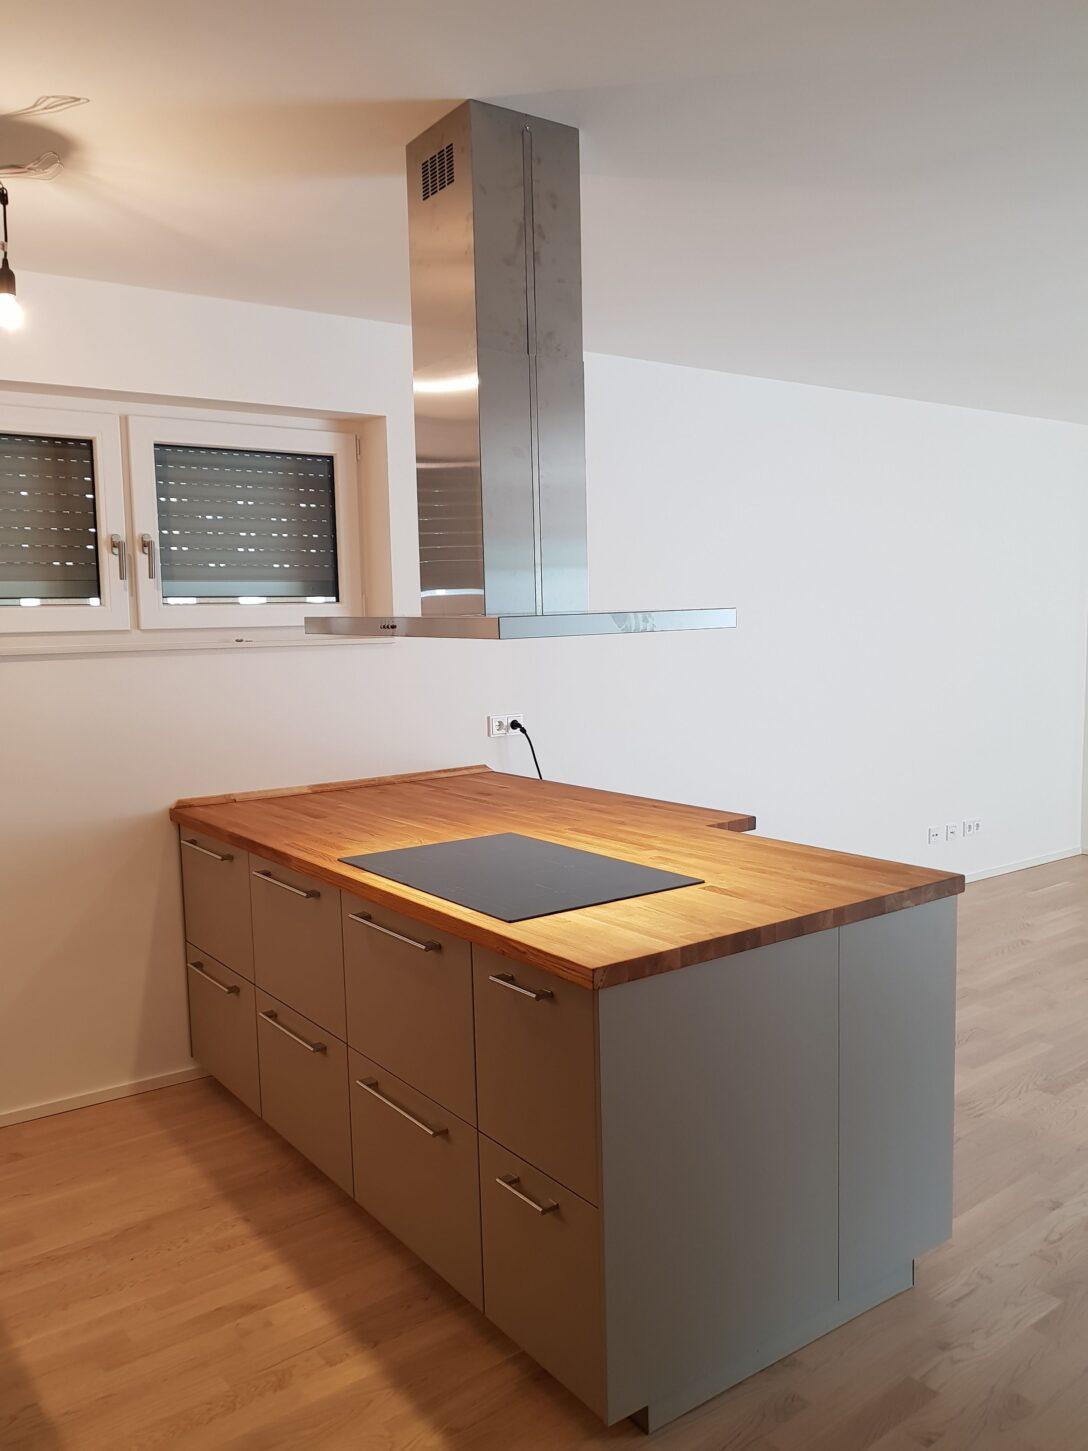 Large Size of Ubbalt Kche Dunkelbeige Offene Ikea Diy Mkki Küche Gewinnen Kaufen Mit Elektrogeräten Beistelltisch Wandbelag Selber Planen Doppel Mülleimer Tipps Wohnzimmer Offene Küche Ikea